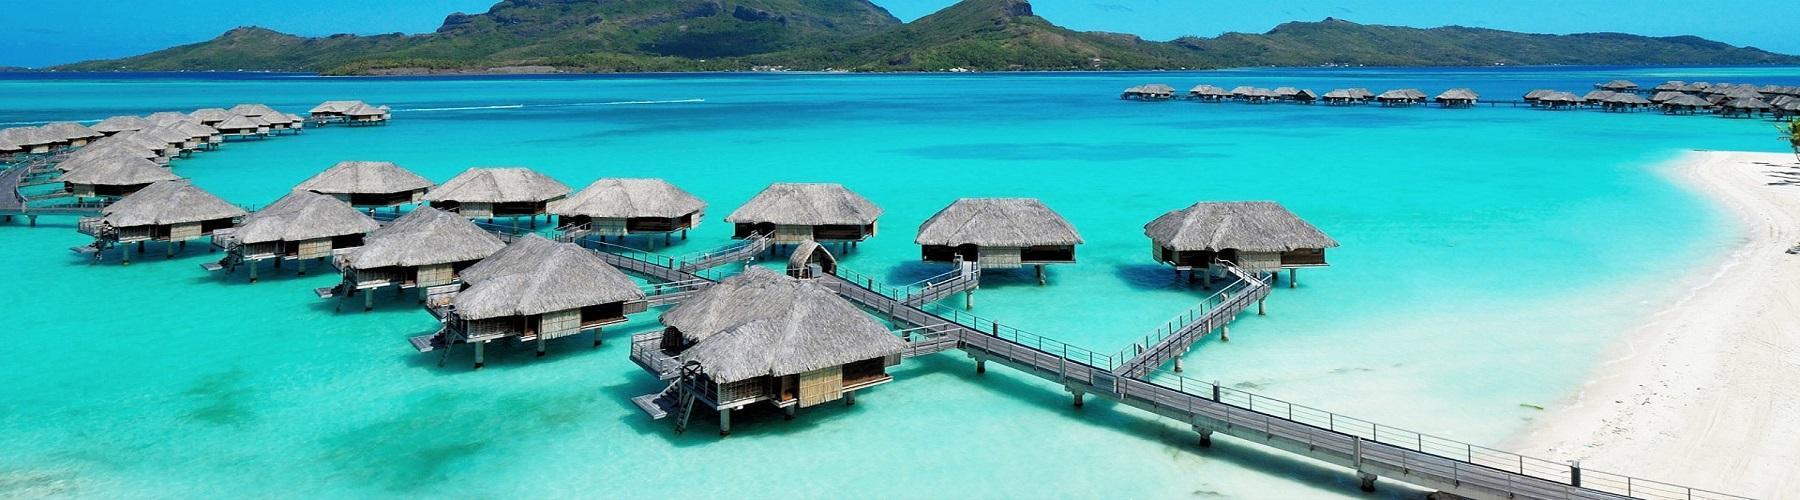 Путешествие на Фиджи - воплощение мечты